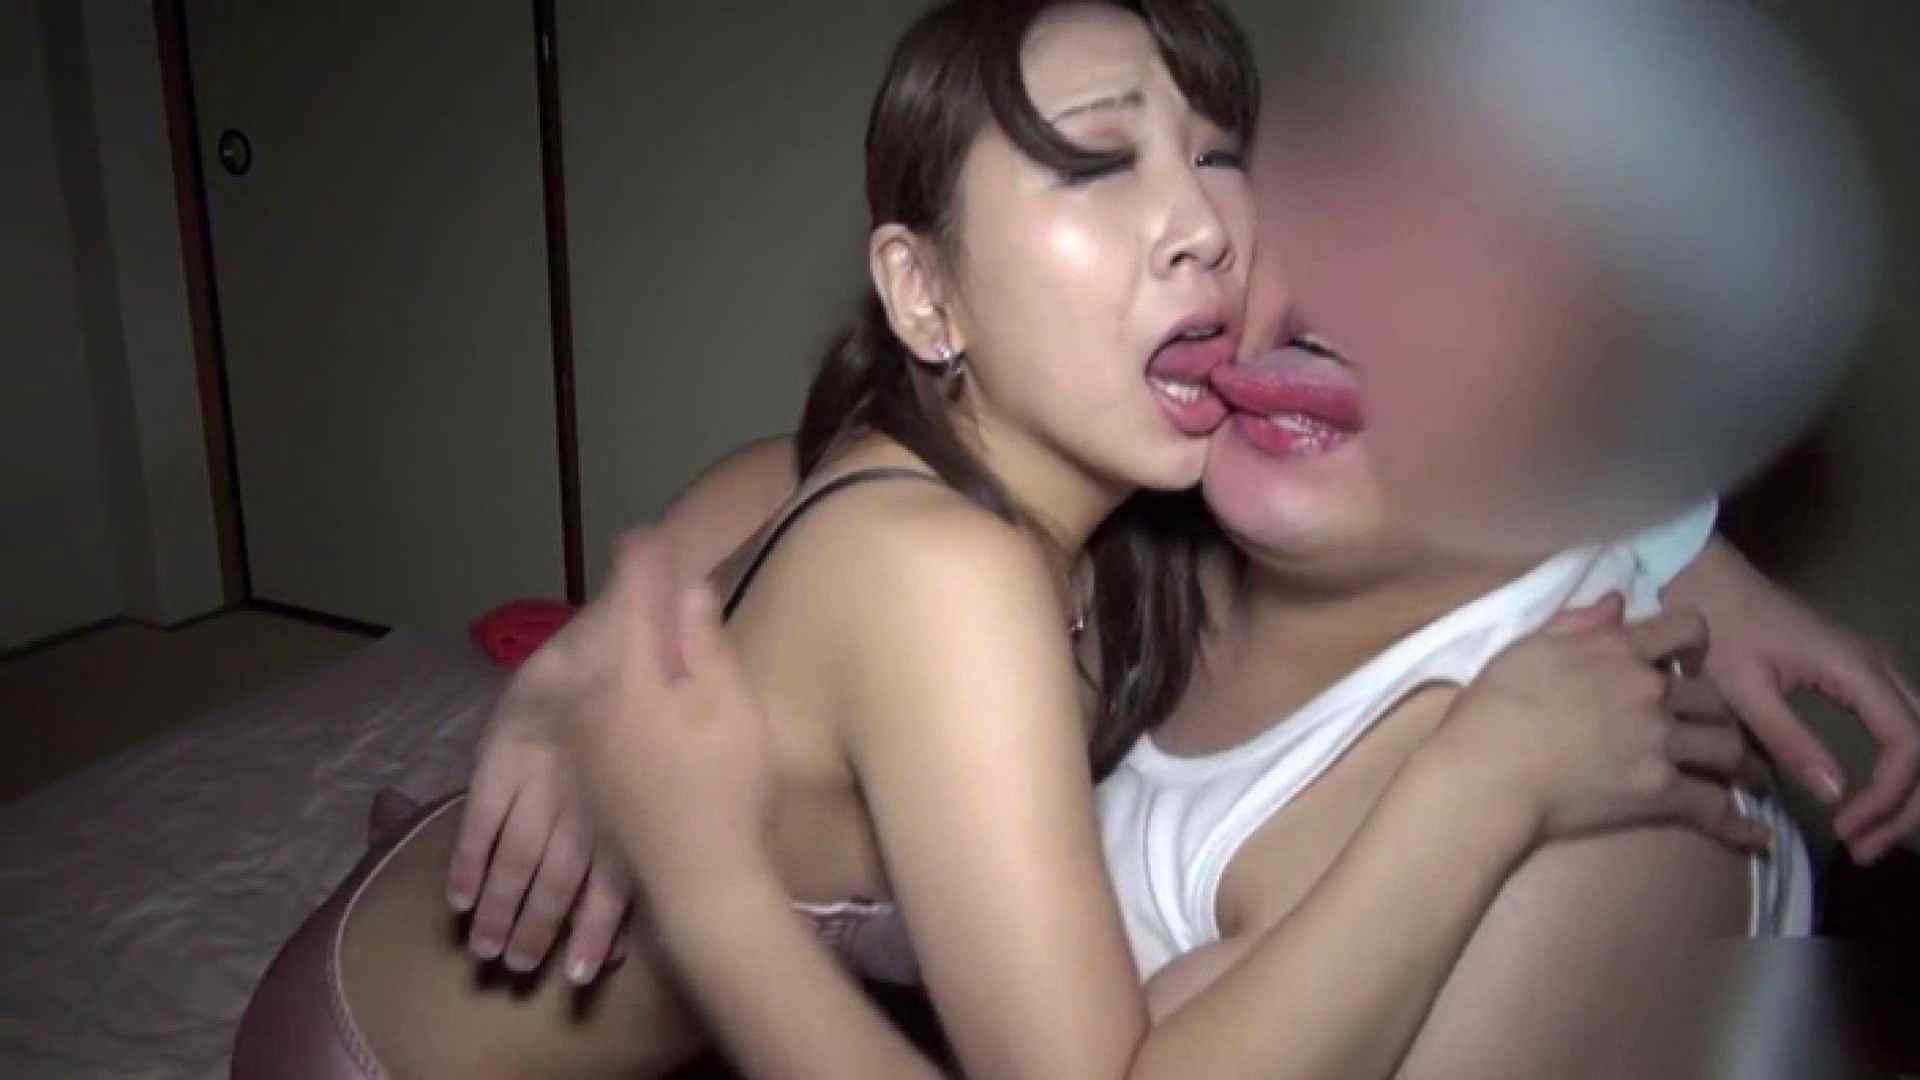 おしえてギャル子のH塾 Vol.04 前編 ローター 性交動画流出 113pic 58